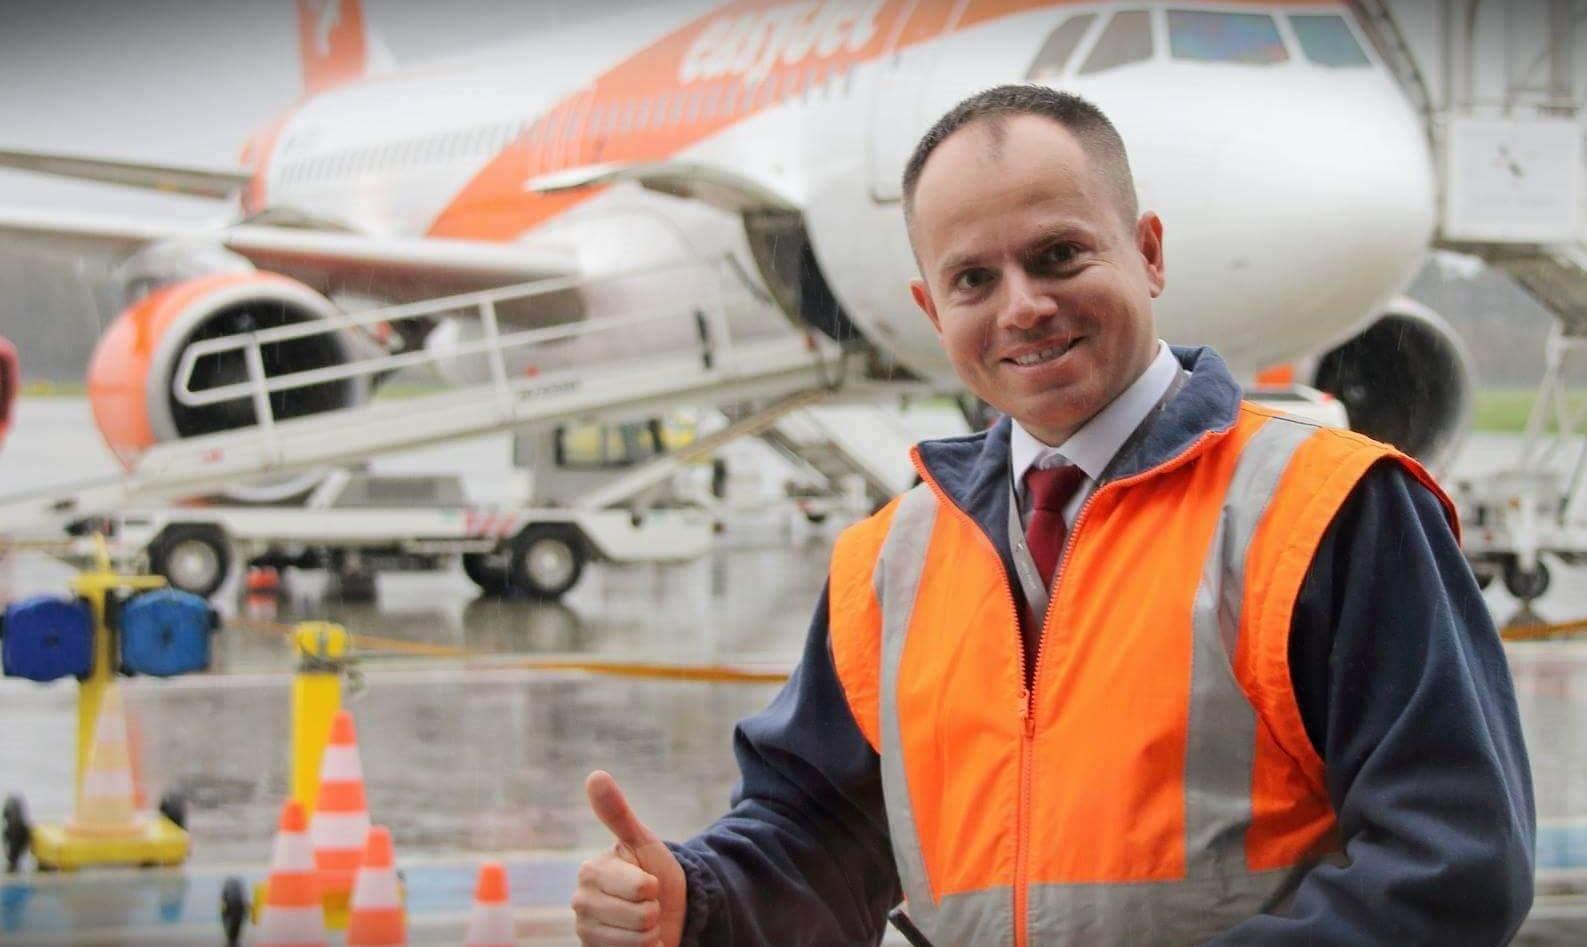 Nieudana podróż samolotem. Na jakich zasadach można dochodzić odszkodowania po wakacjach? - Zdjęcie główne